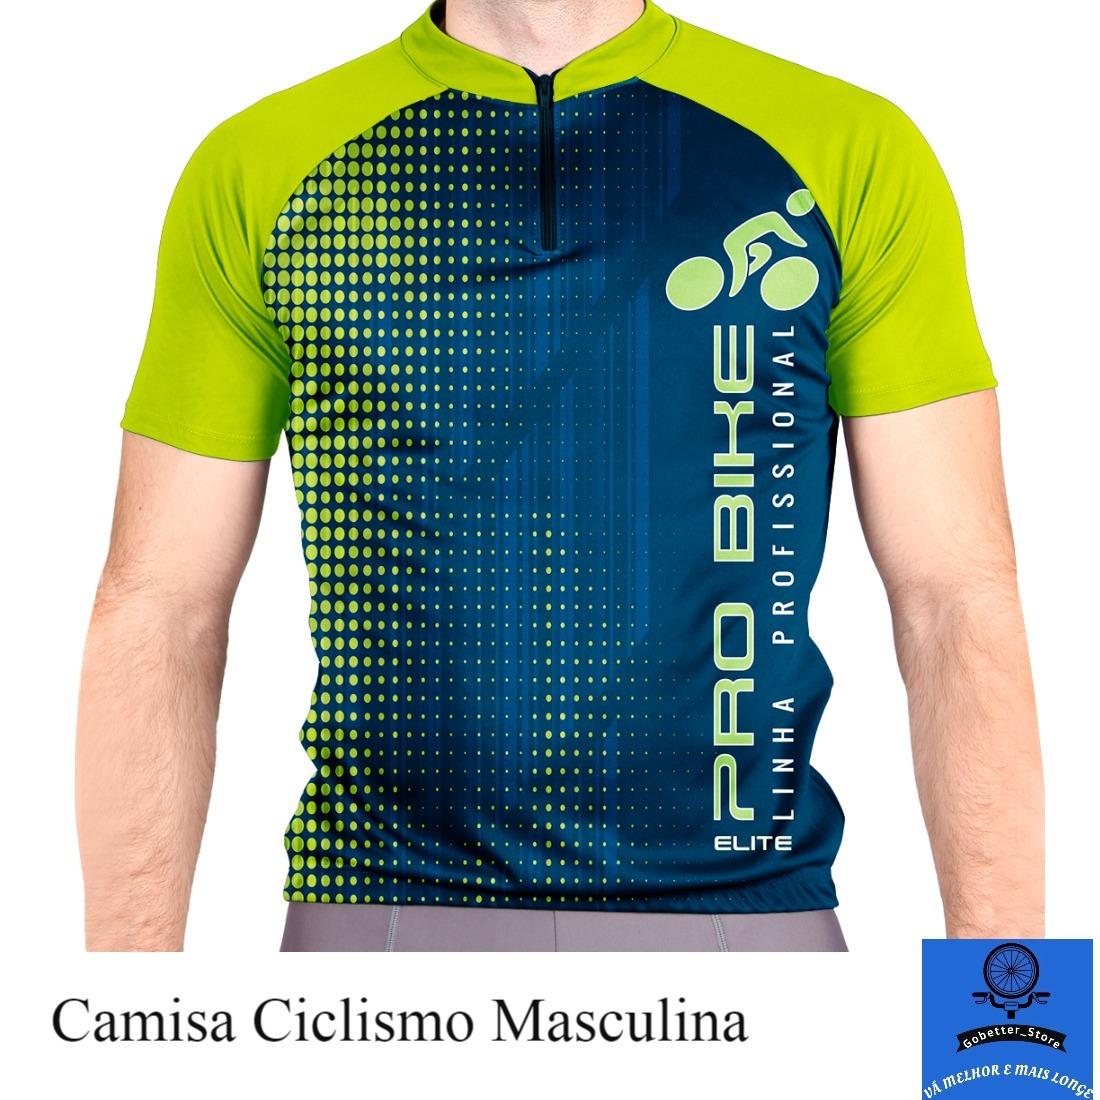 e820d7f522 camisa ciclismo elite masculina azul verde branca. Carregando zoom.